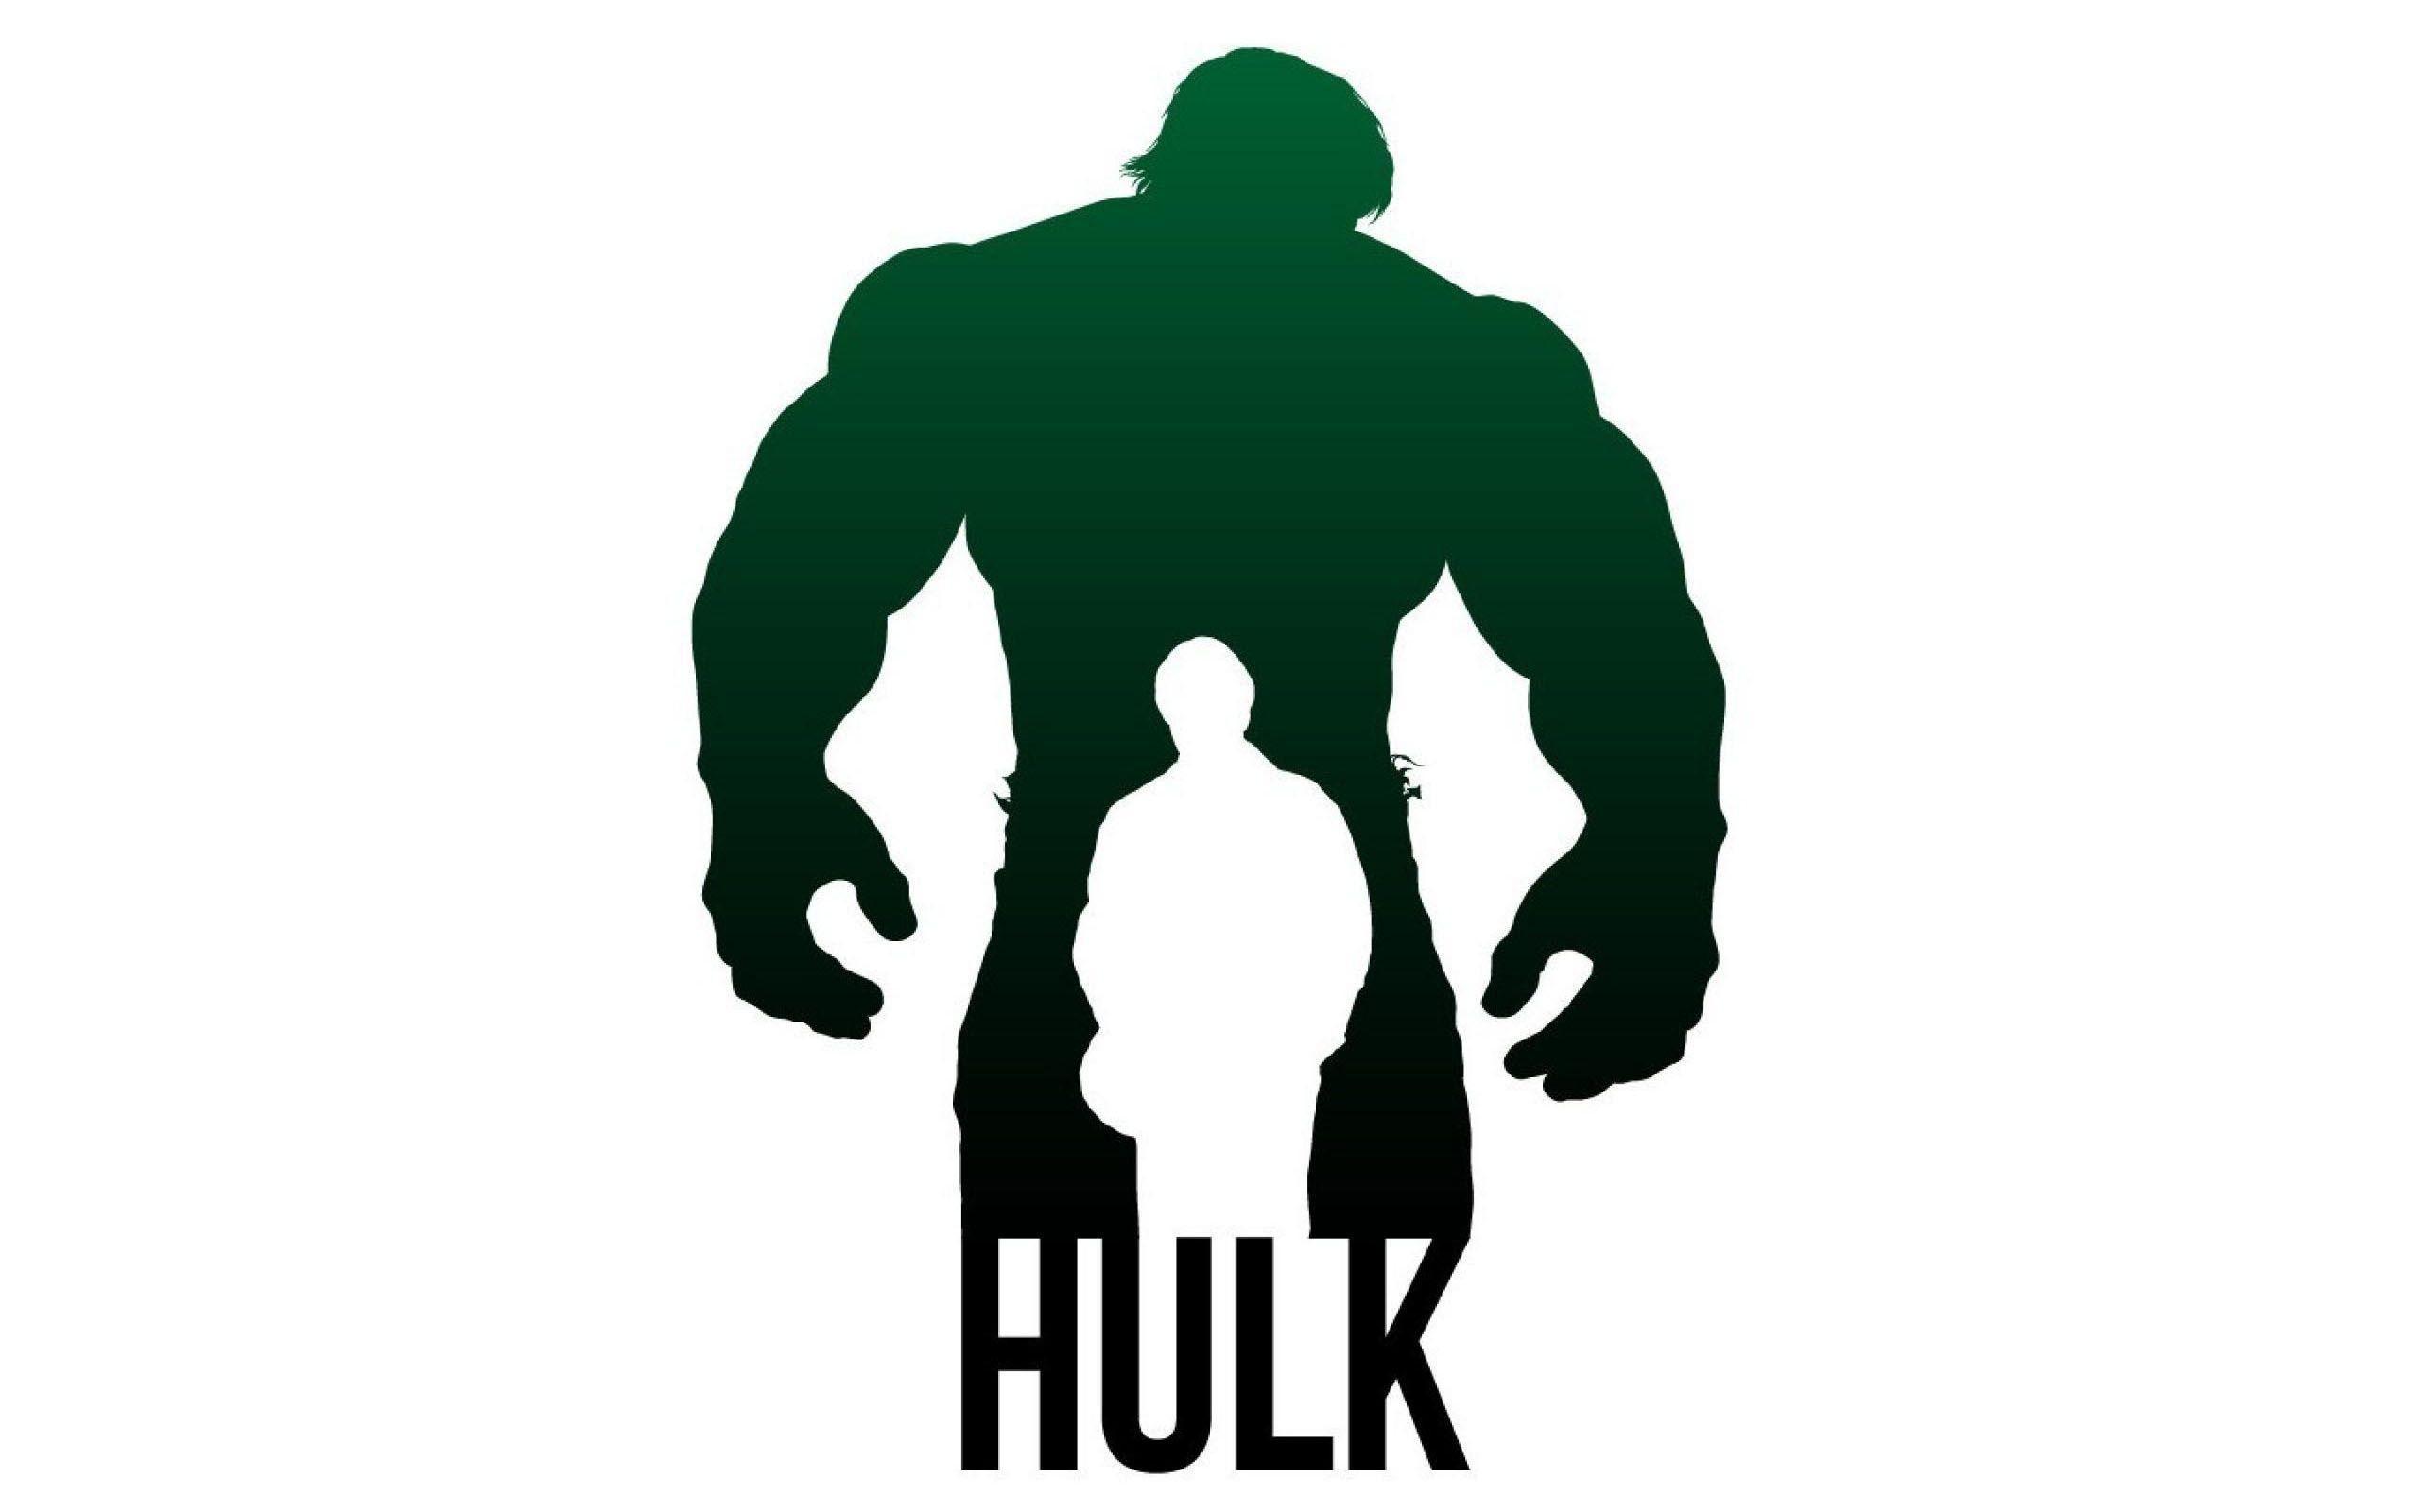 Hulk HD Wallpapers 1080p – WallpaperSafari